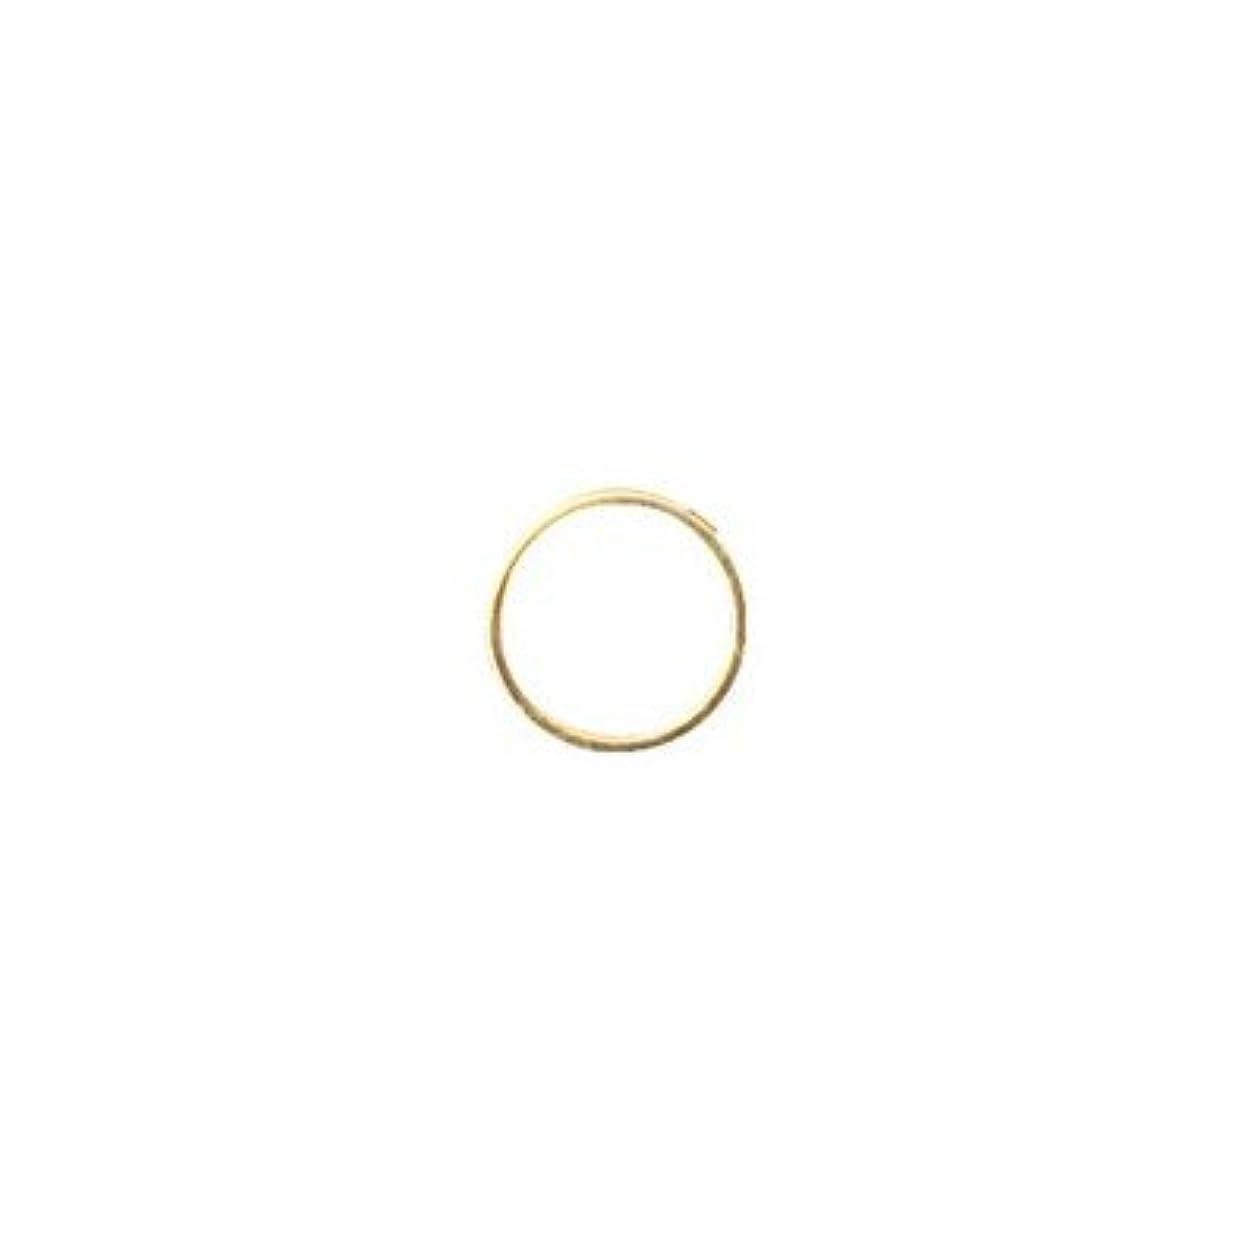 月アノイ複雑なシャレドワミュゼ BLC ブローチ ラウンド 5×5mm ゴールド 10p